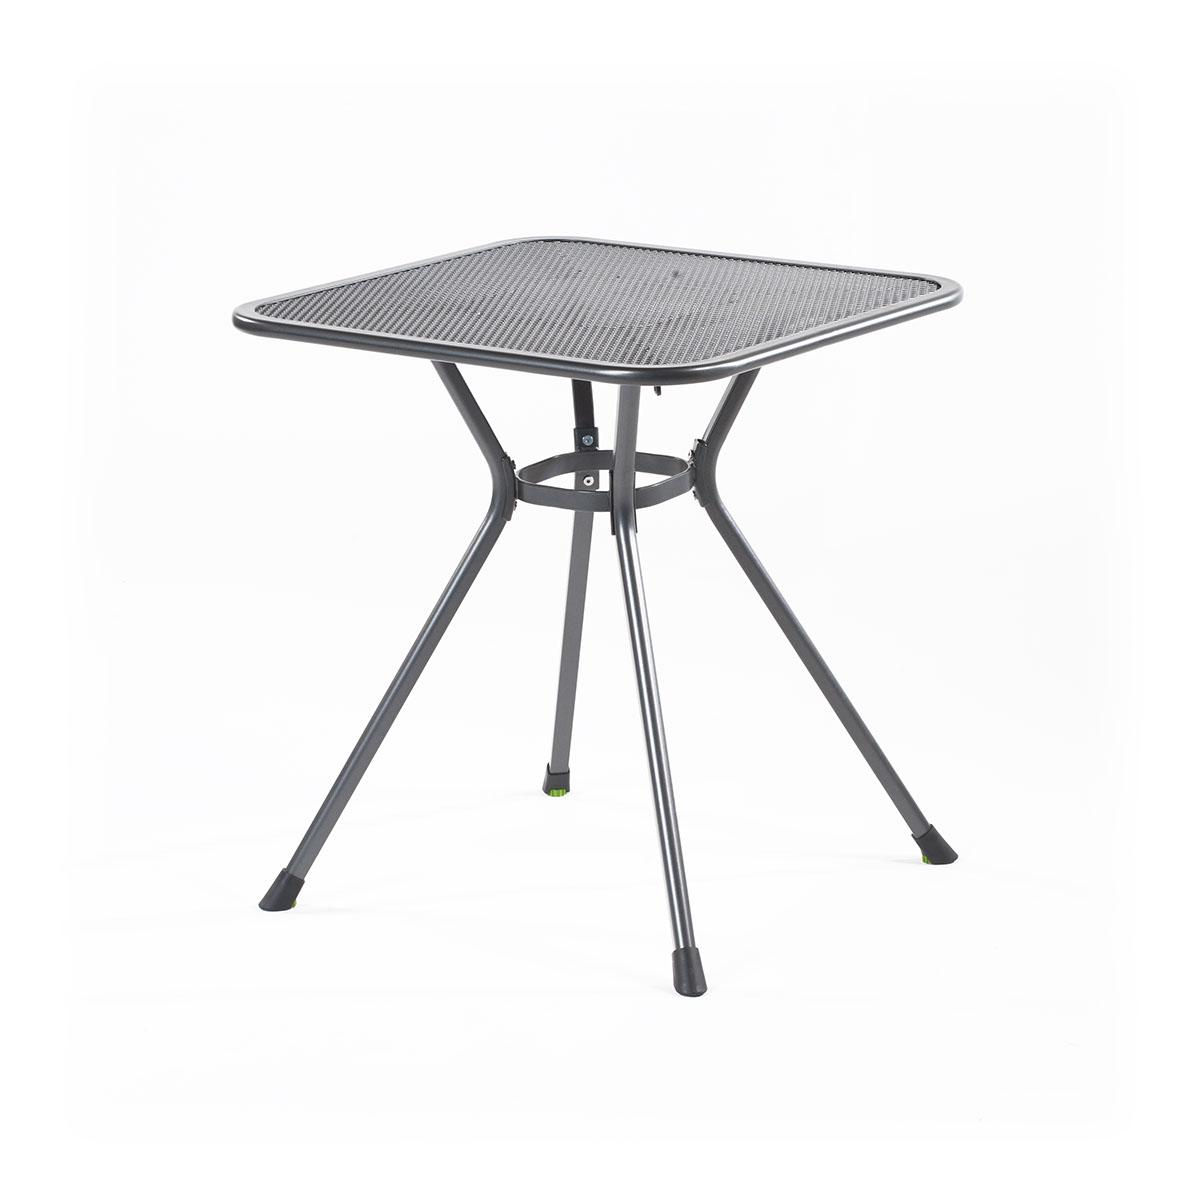 MWH Tavio 70 malý stůl z tahokovu 70 x 70 x 74 cm